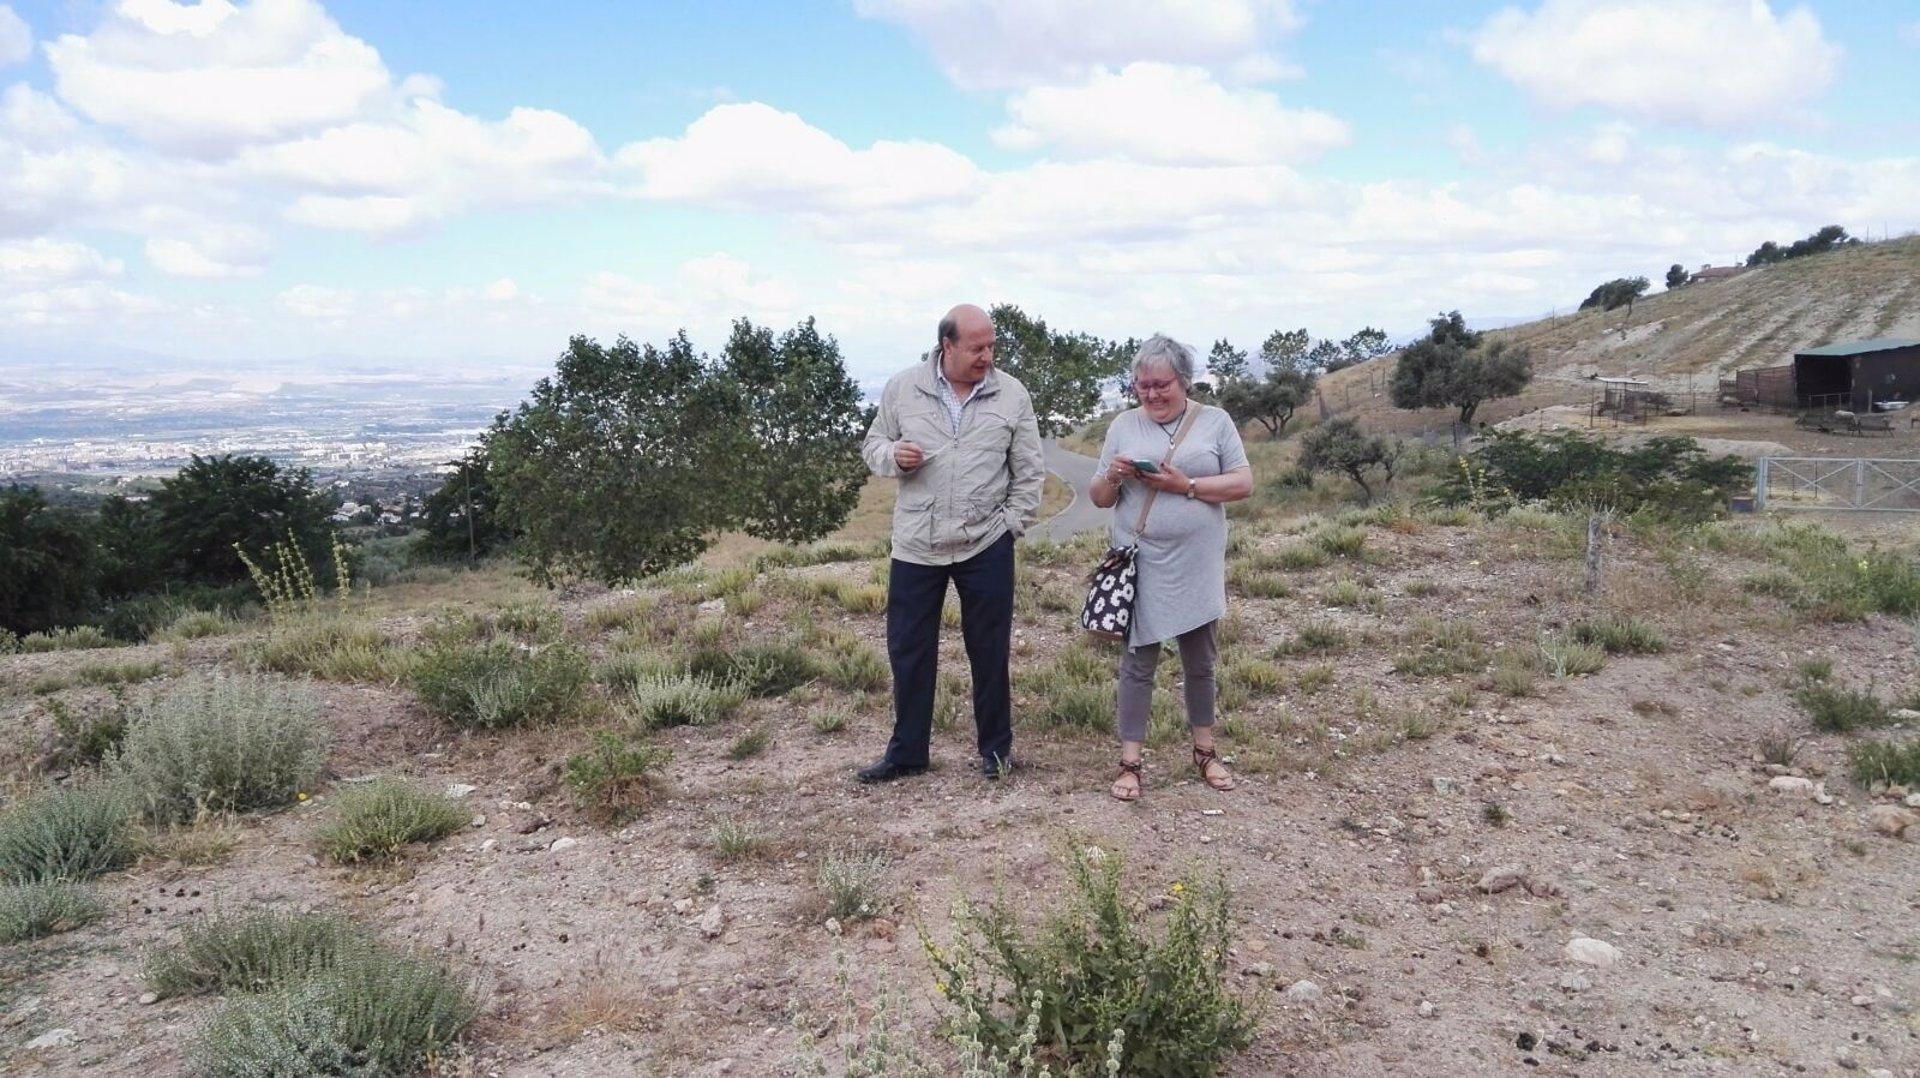 La nieta de Dióscoro Galindo pide al Constitucional buscar sus restos junto a los de Lorca